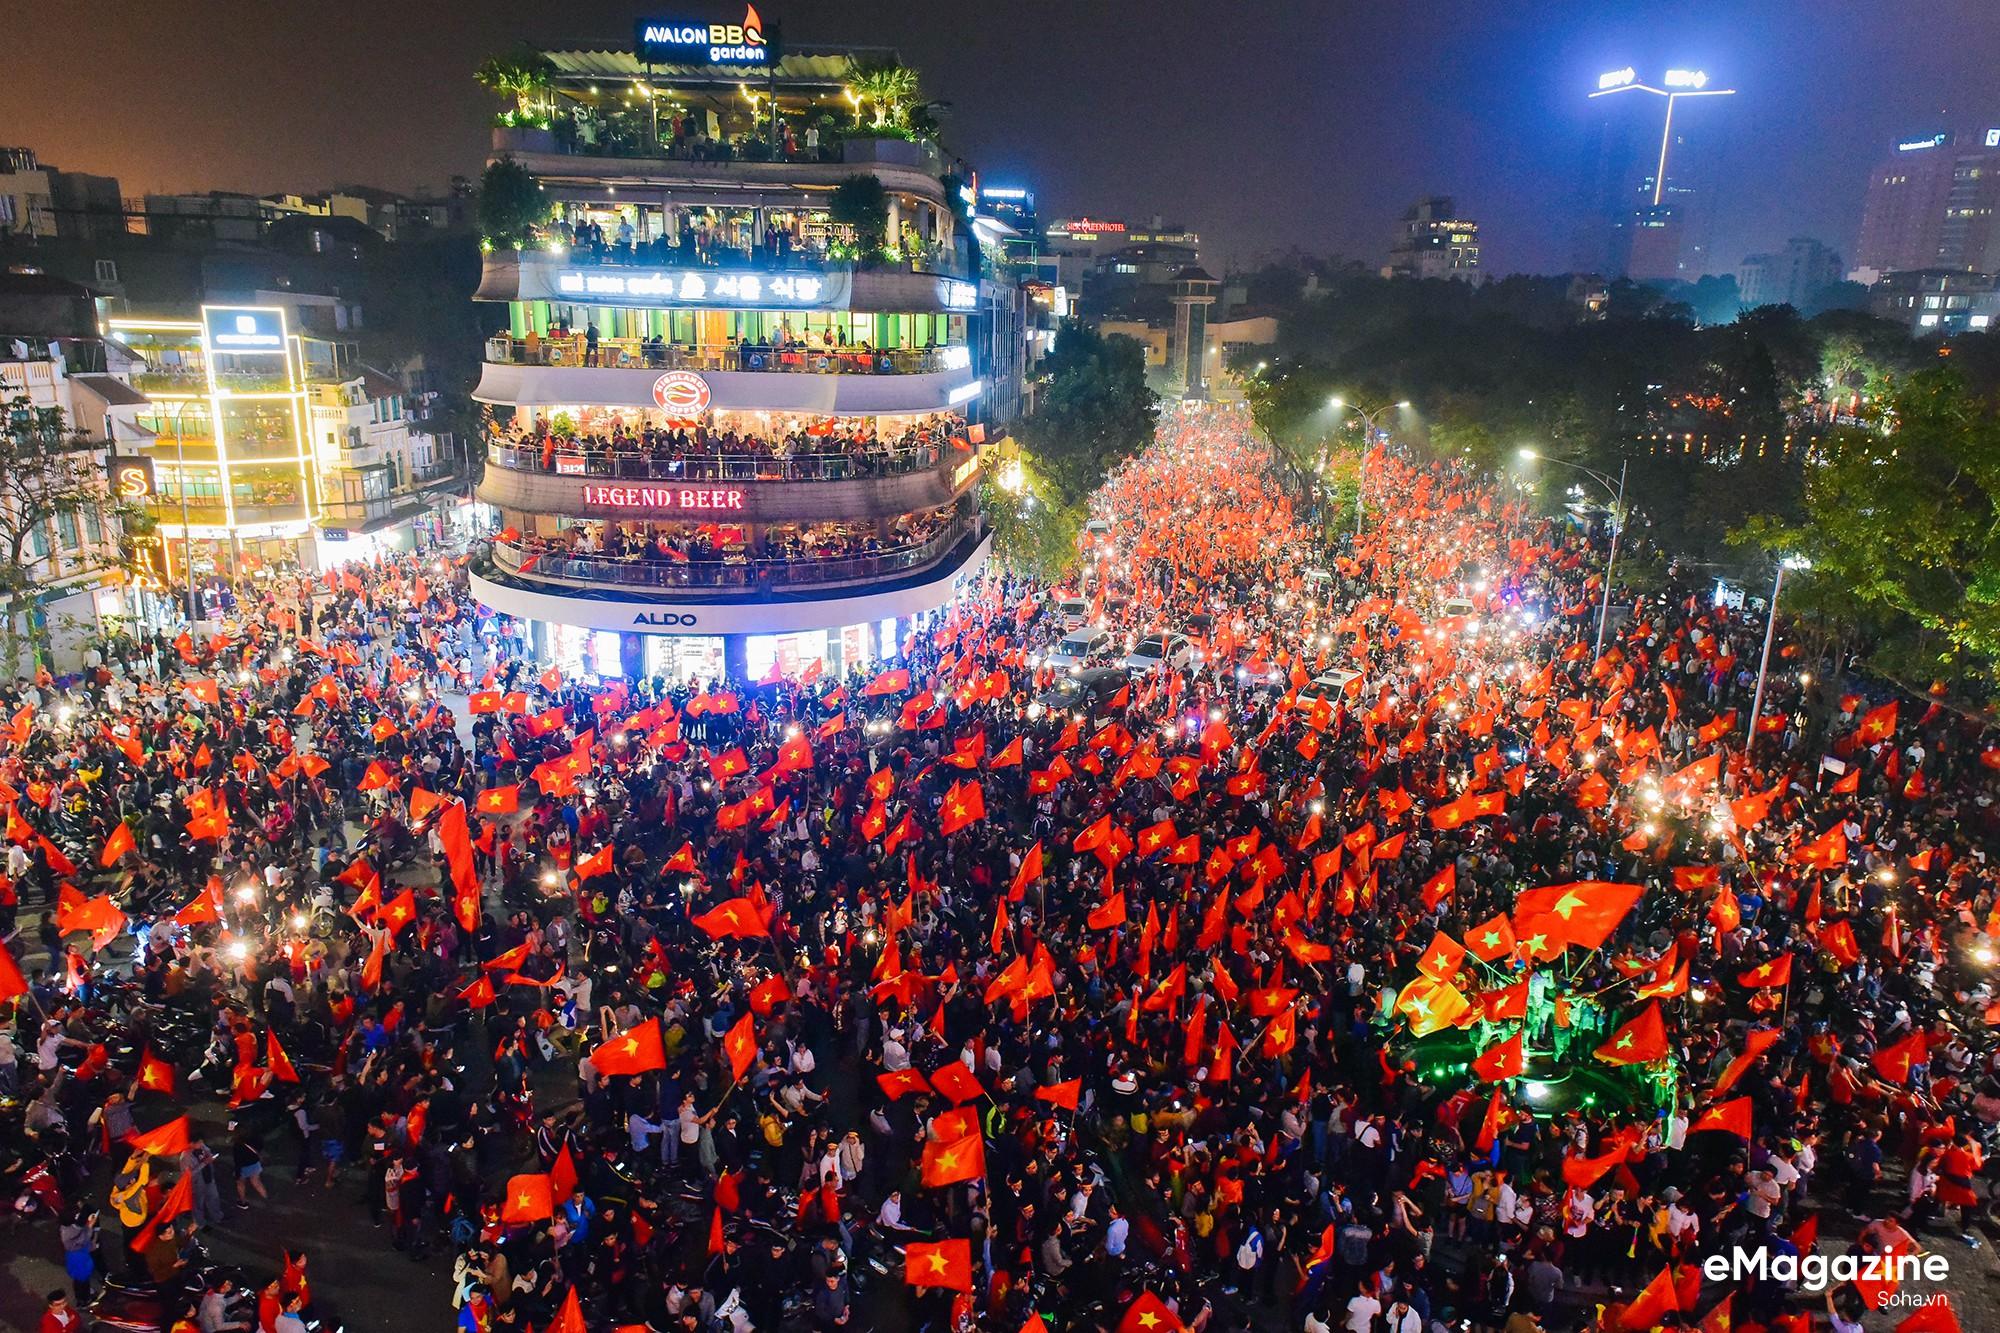 Trong kỳ tích của bóng đá Việt Nam, có một tình yêu xuyên bão giông thắp lên niềm tin bất diệt - Ảnh 5.